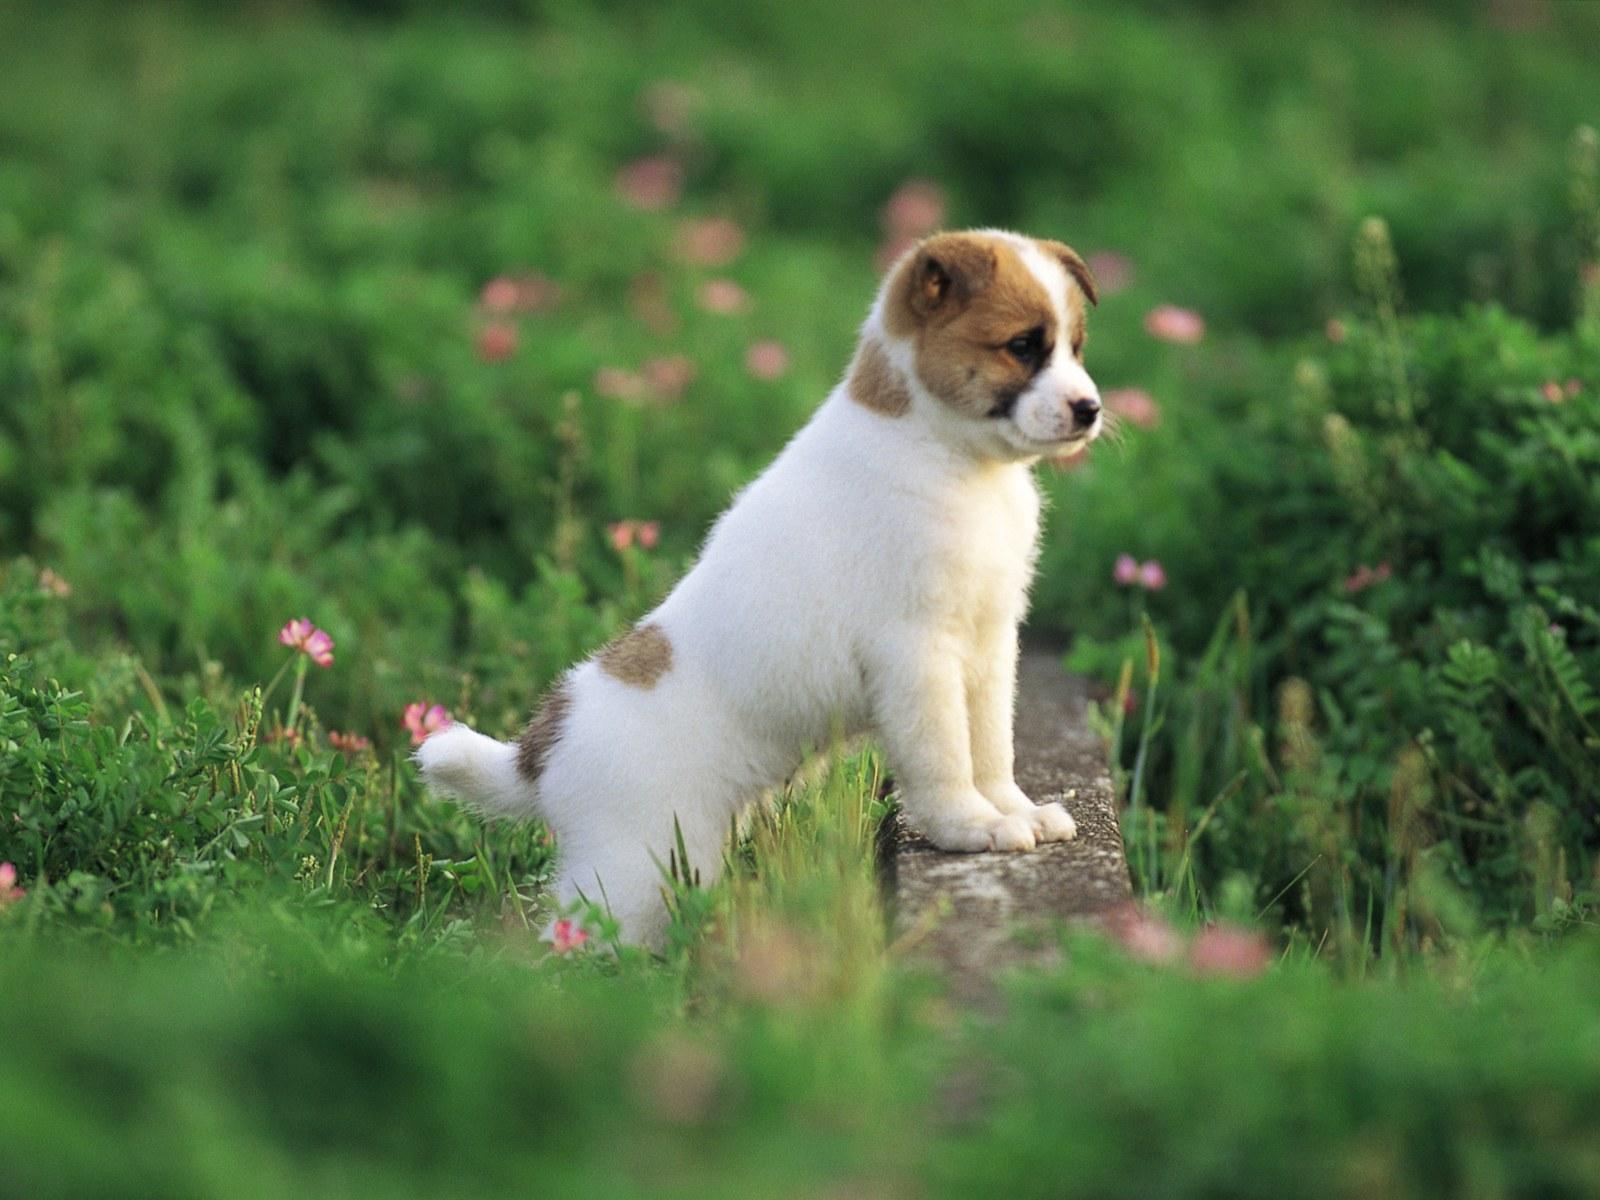 壁纸1600×1200可爱小狗狗壁纸